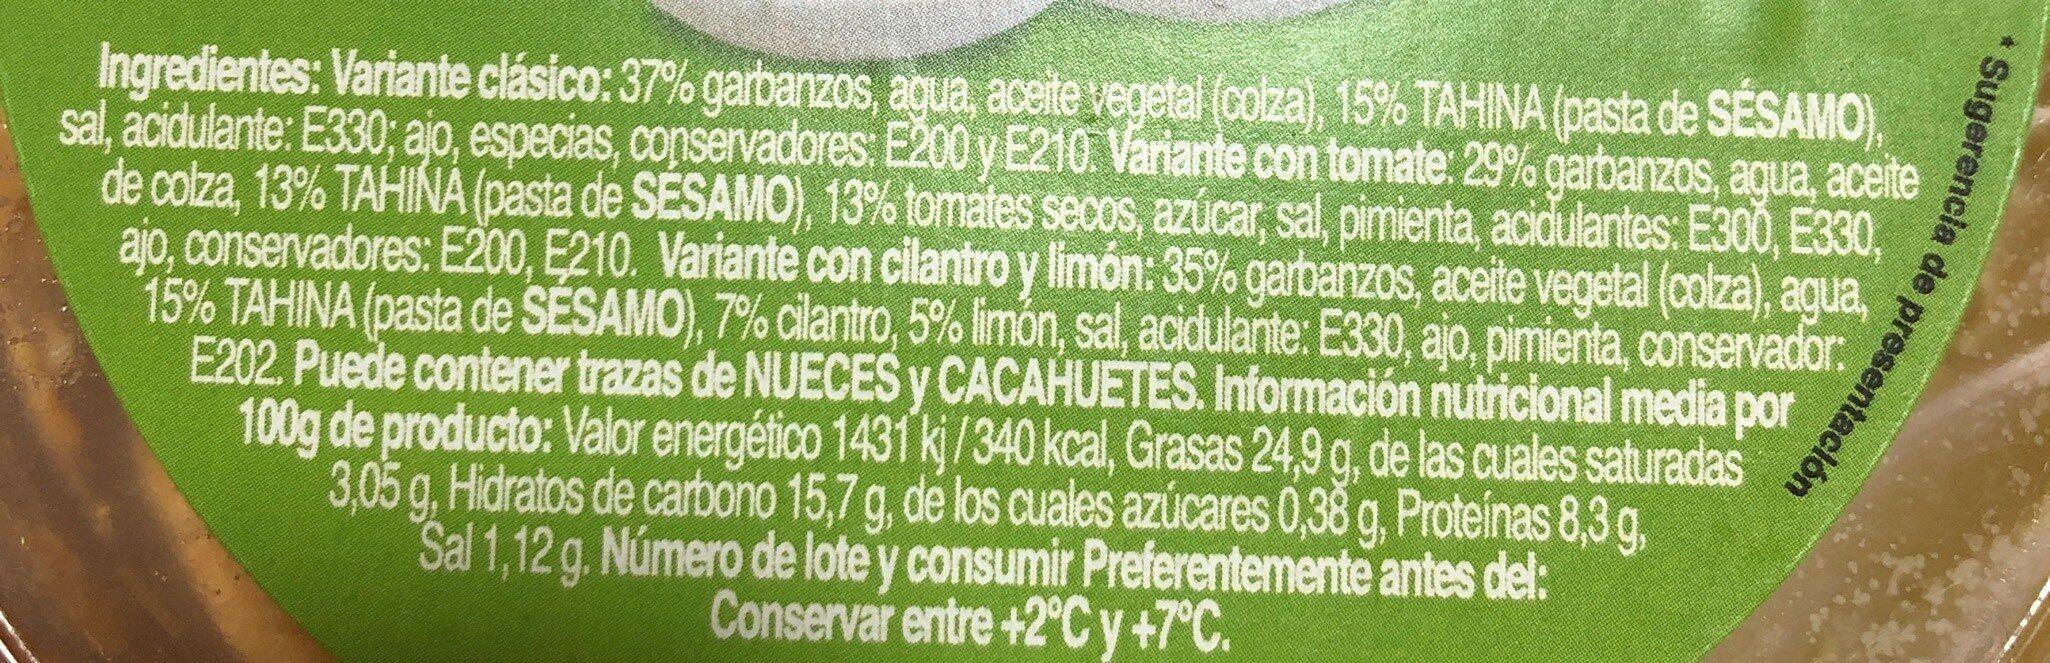 Trio hummus - Información nutricional - es